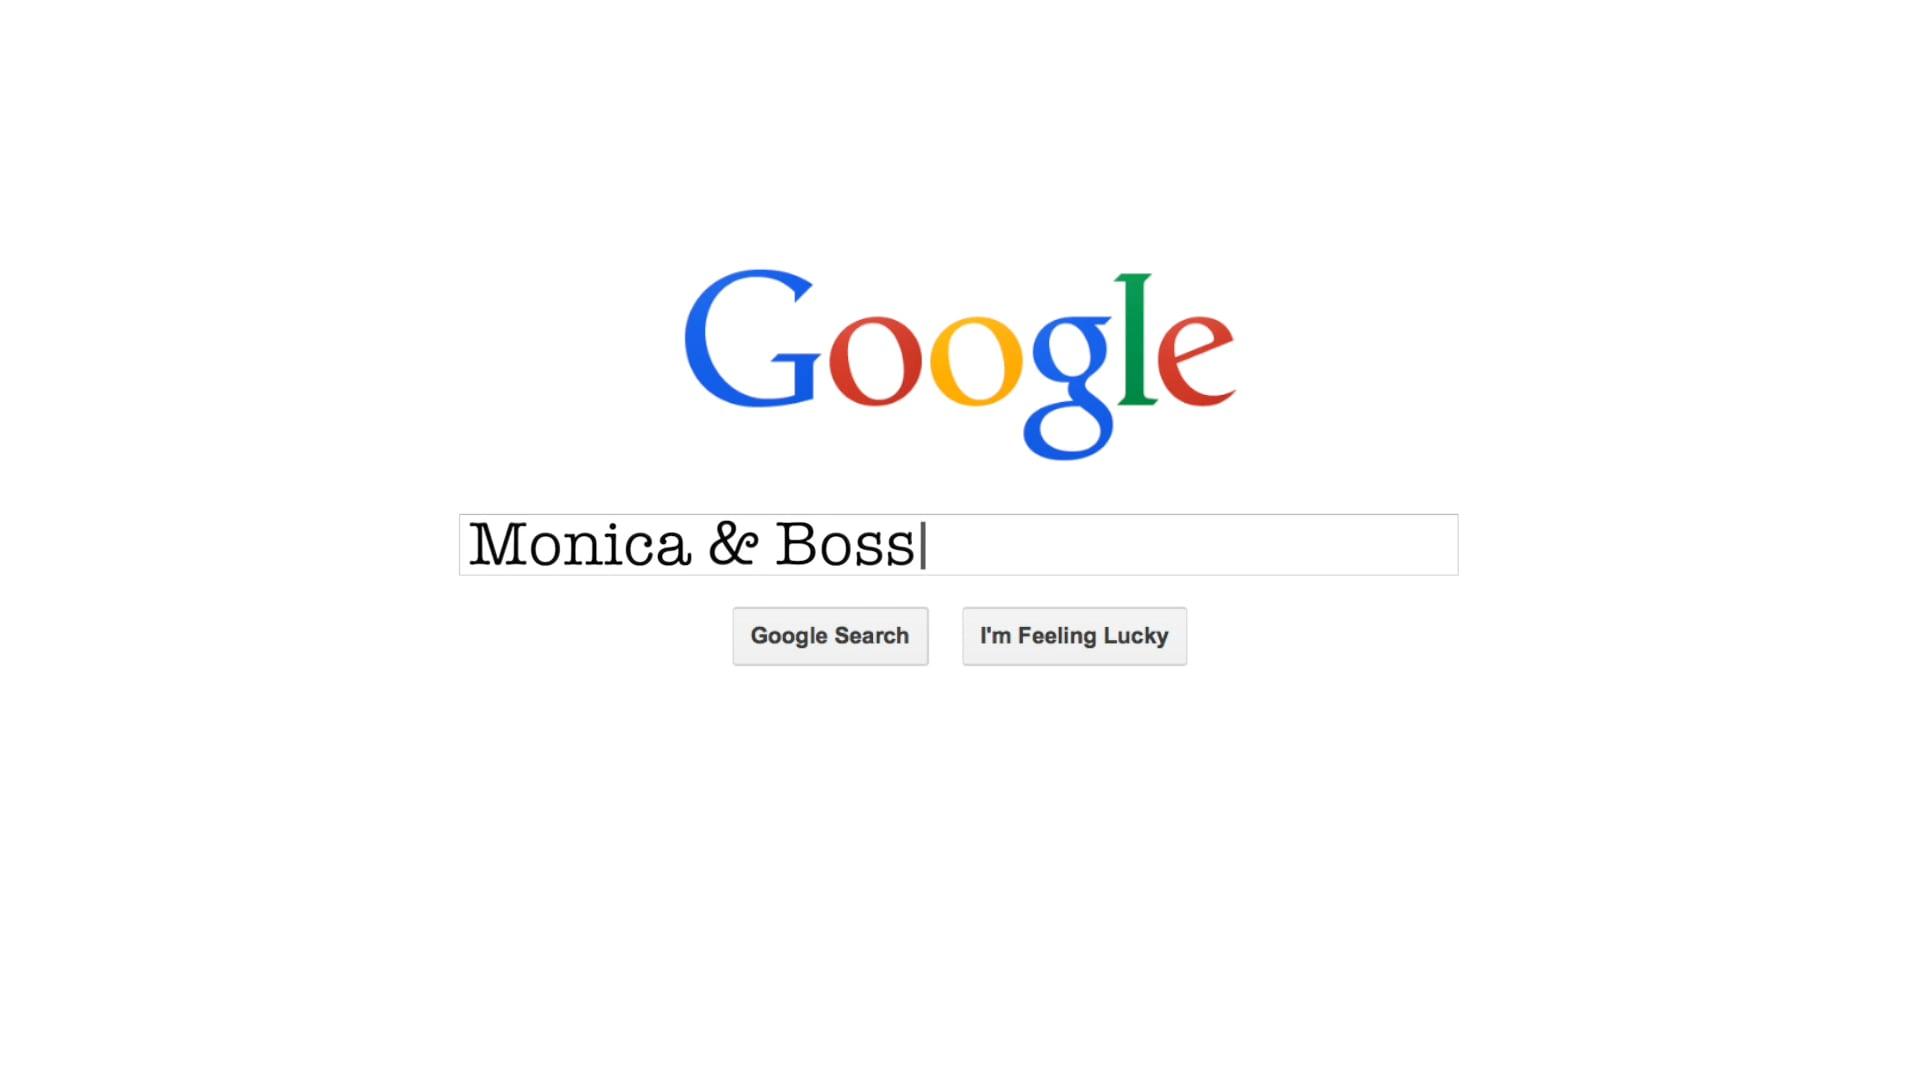 Monica & Boss